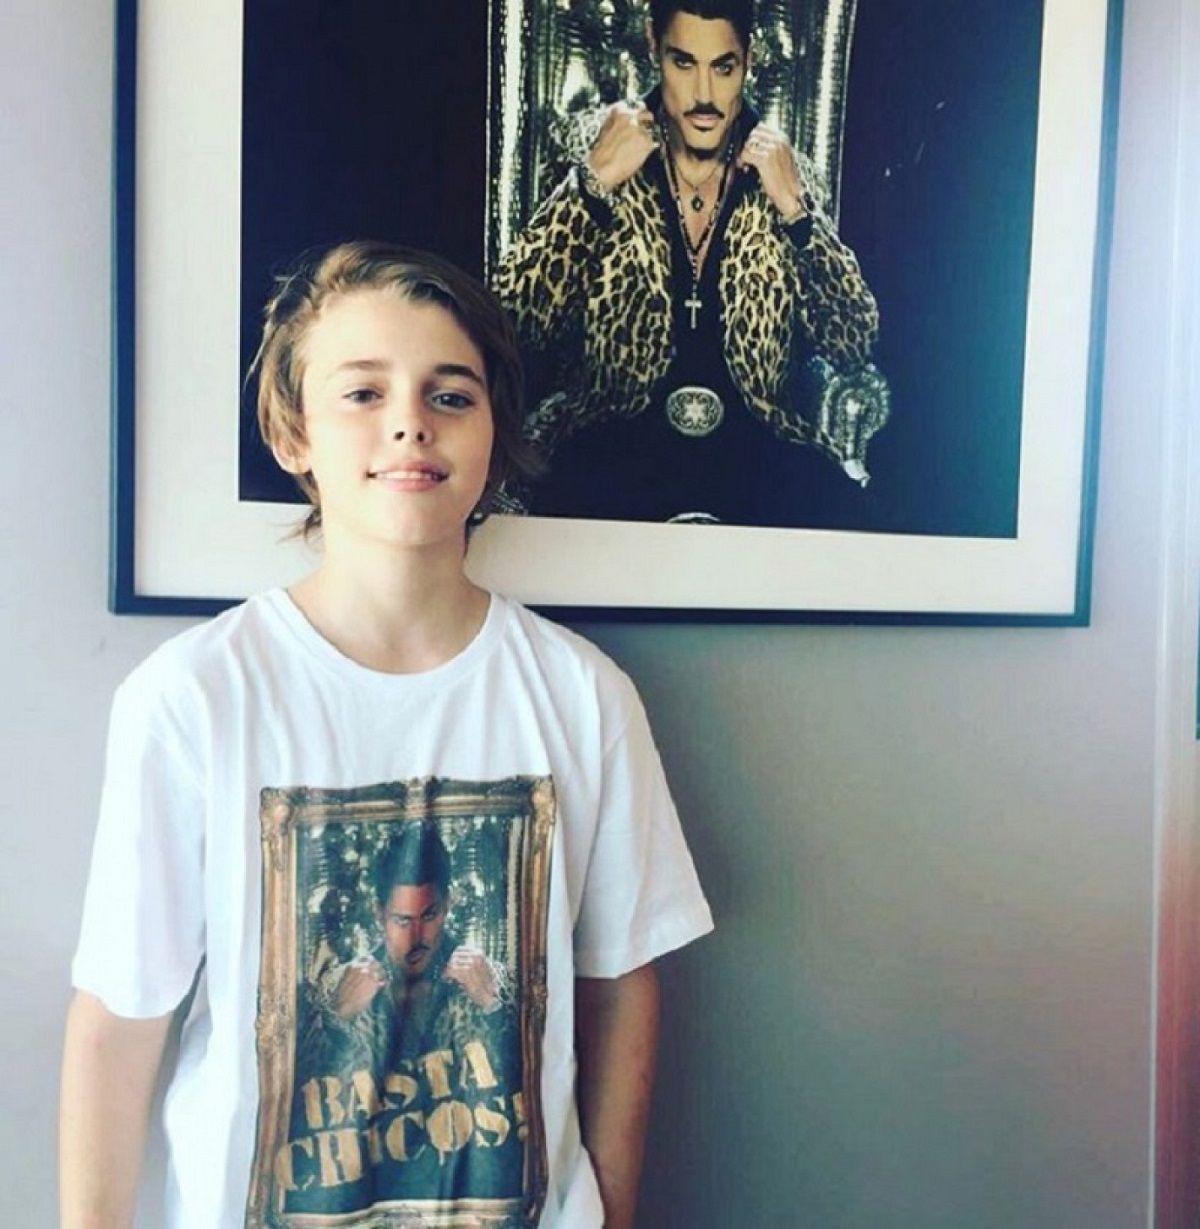 El video de Felipe Fort, de 15 años, manejando sin cinturón